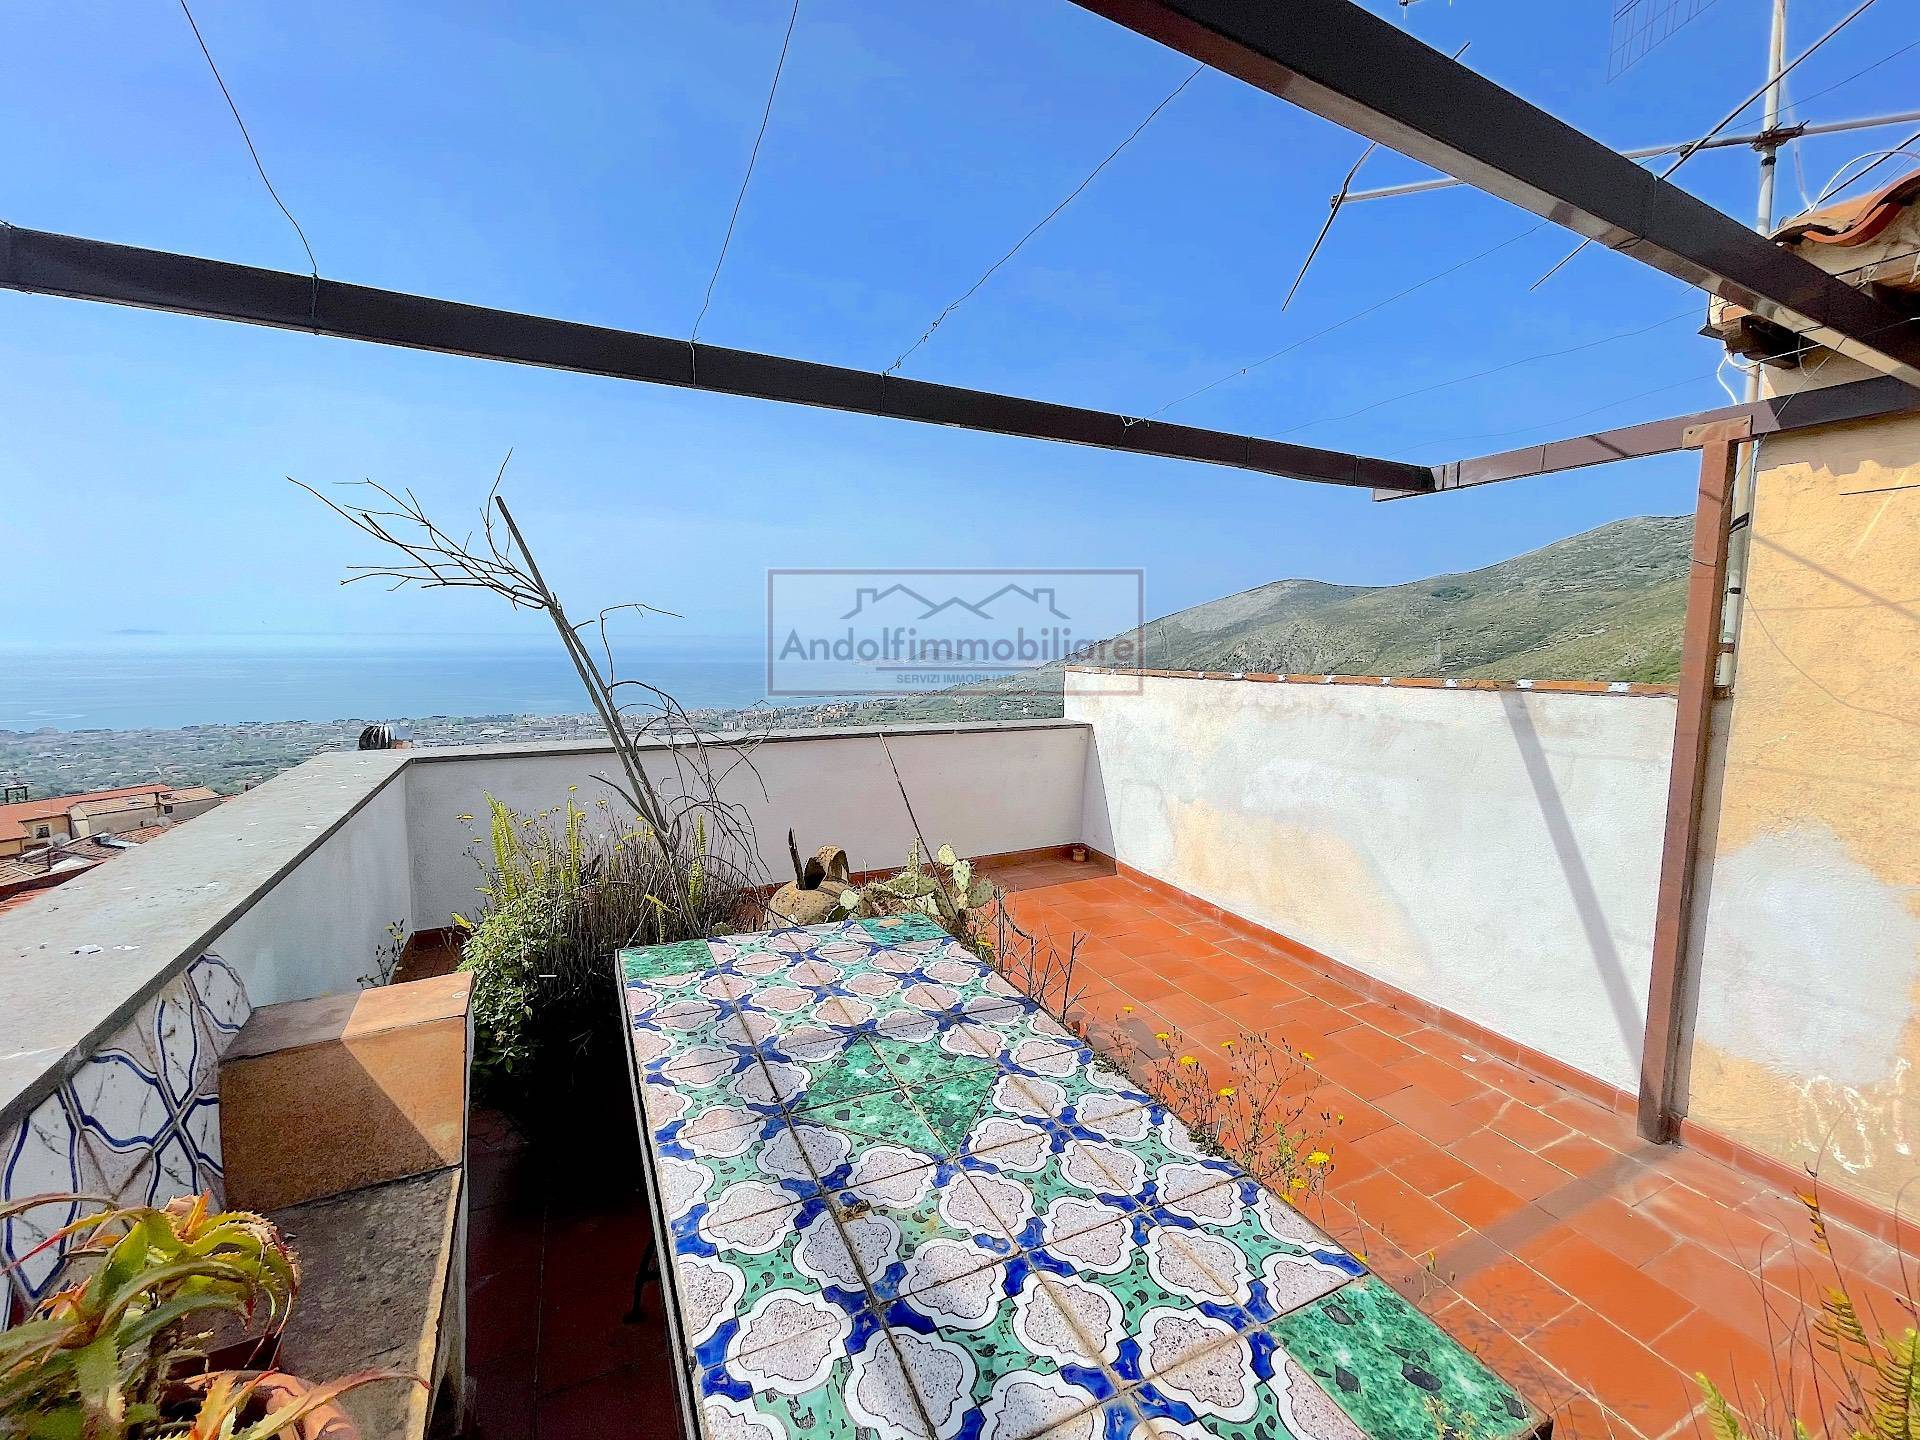 Formia fraz. Maranola. Immobile indipendente con terrazzo super panoramico in Vendita a Formia.